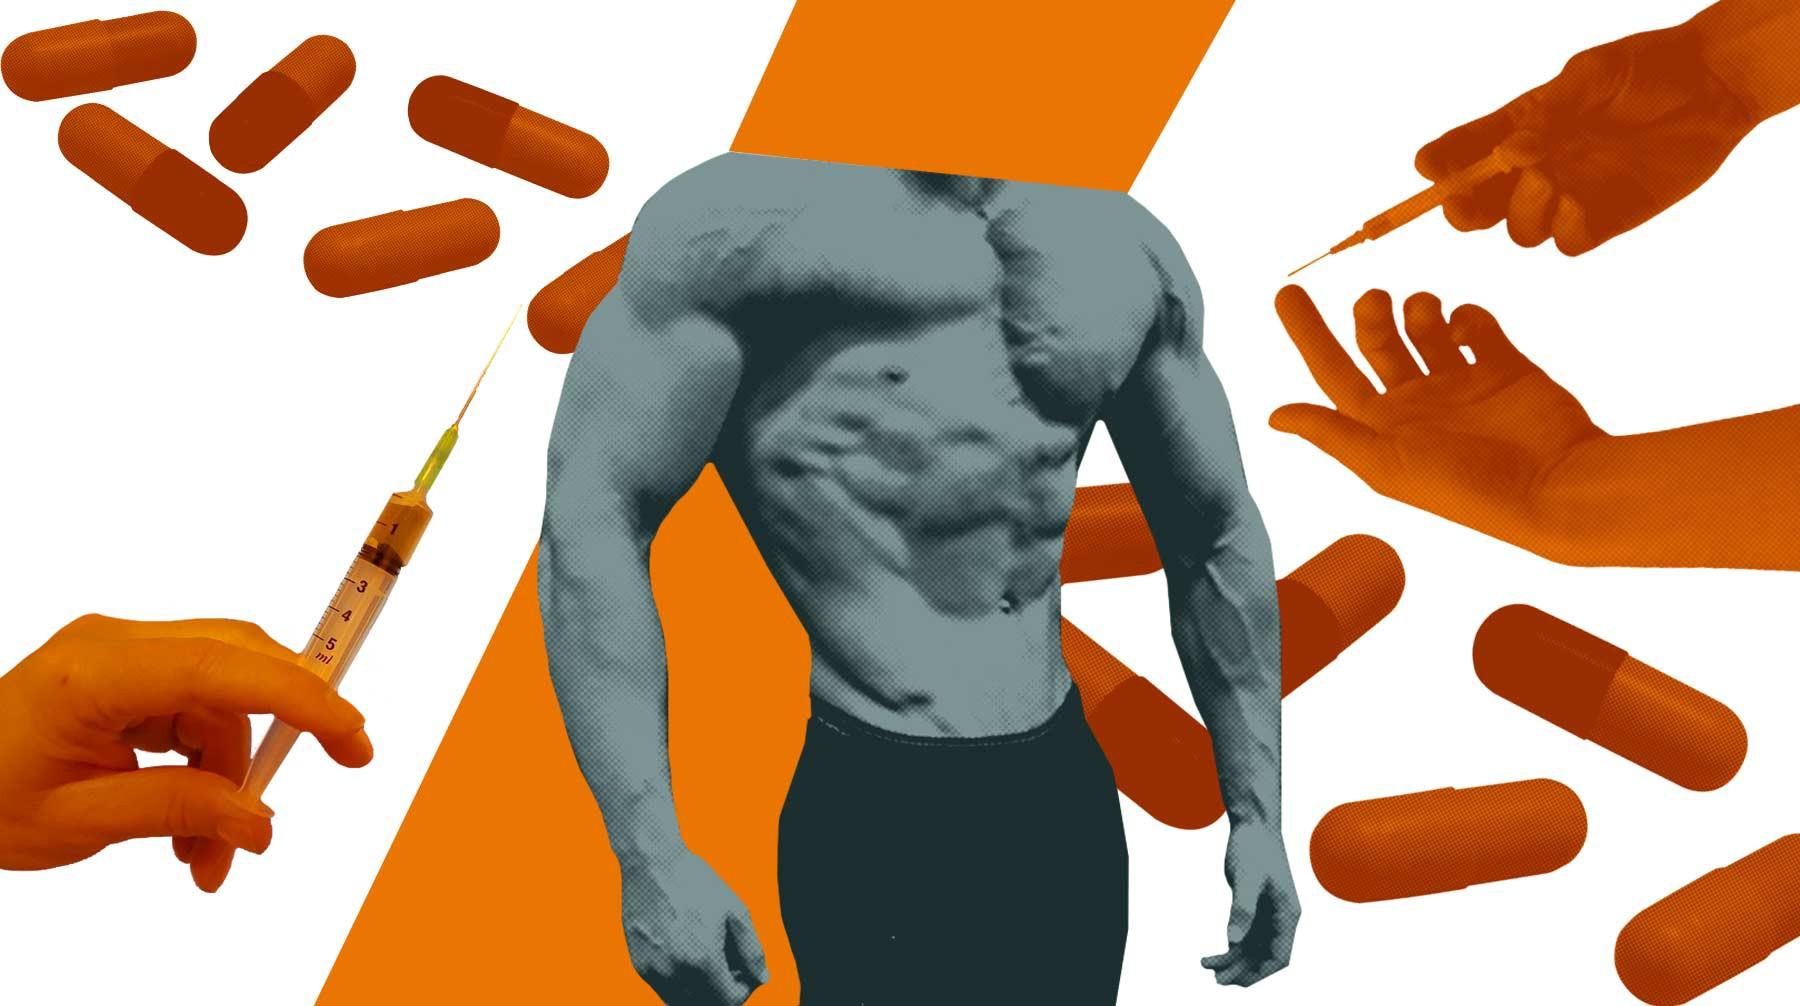 стихотворения роль генный допинг картинка пост подружку про